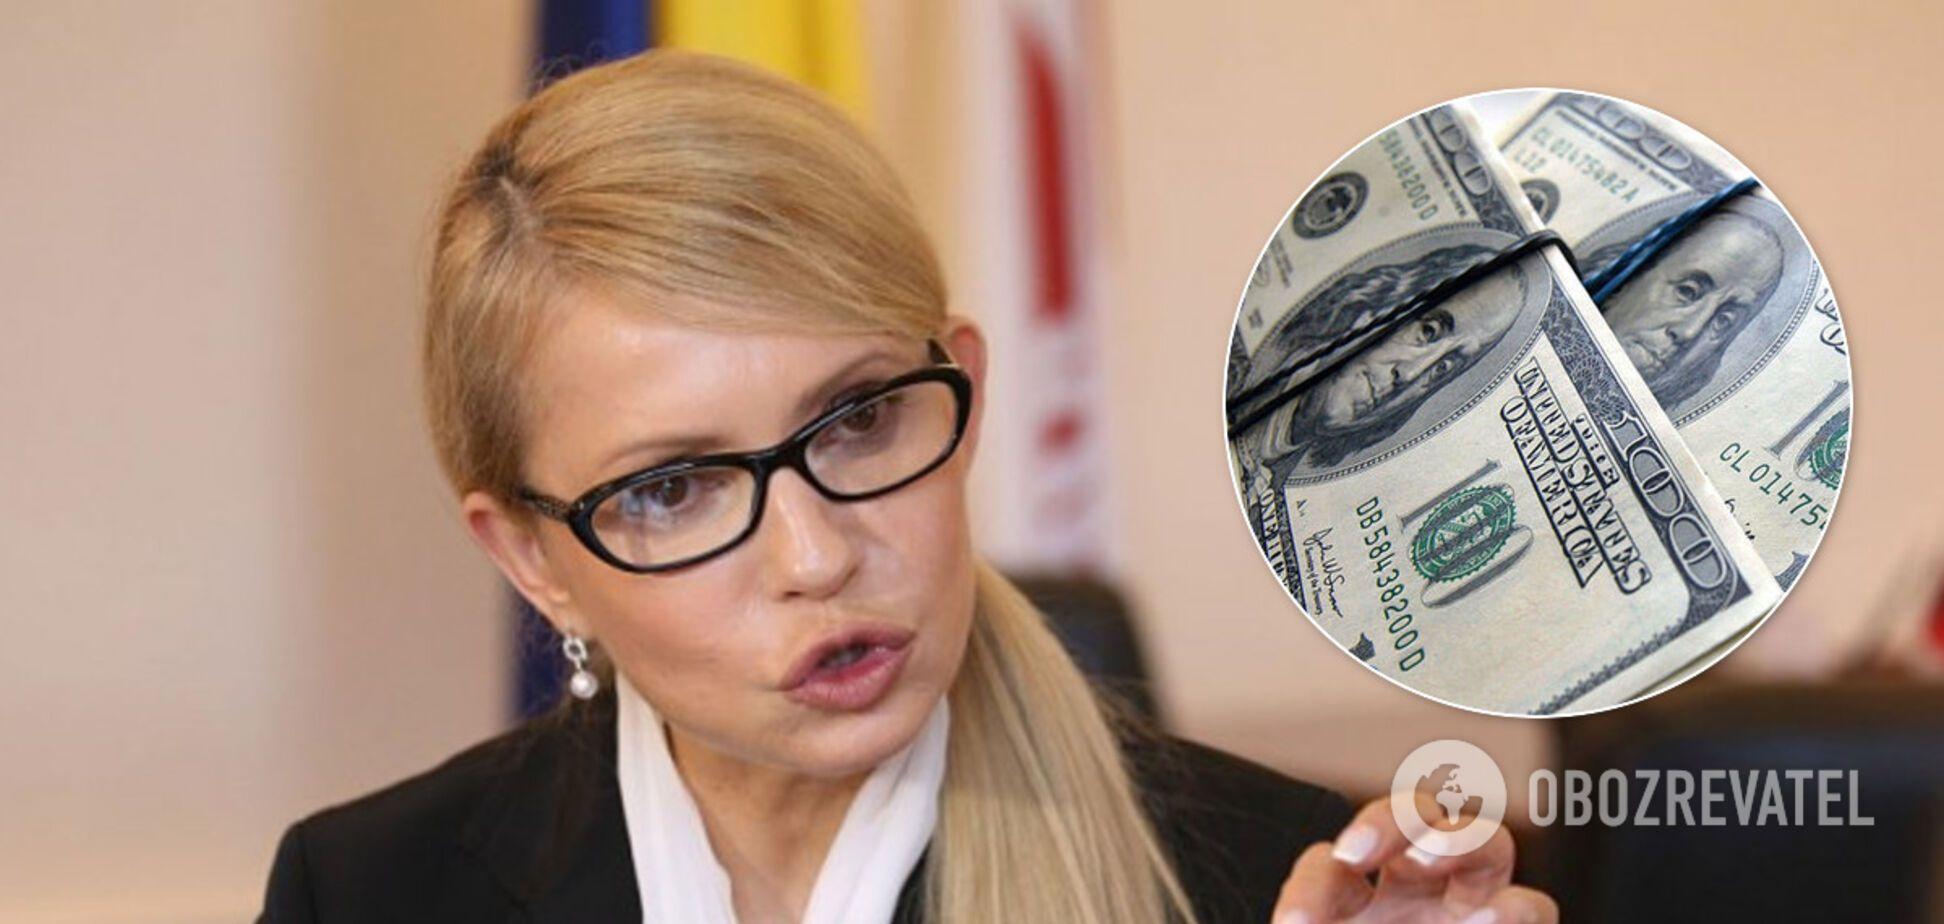 Миллионы Тимошенко и Власенко имеют признаки легализации средств или внешнего финансирования – юрист